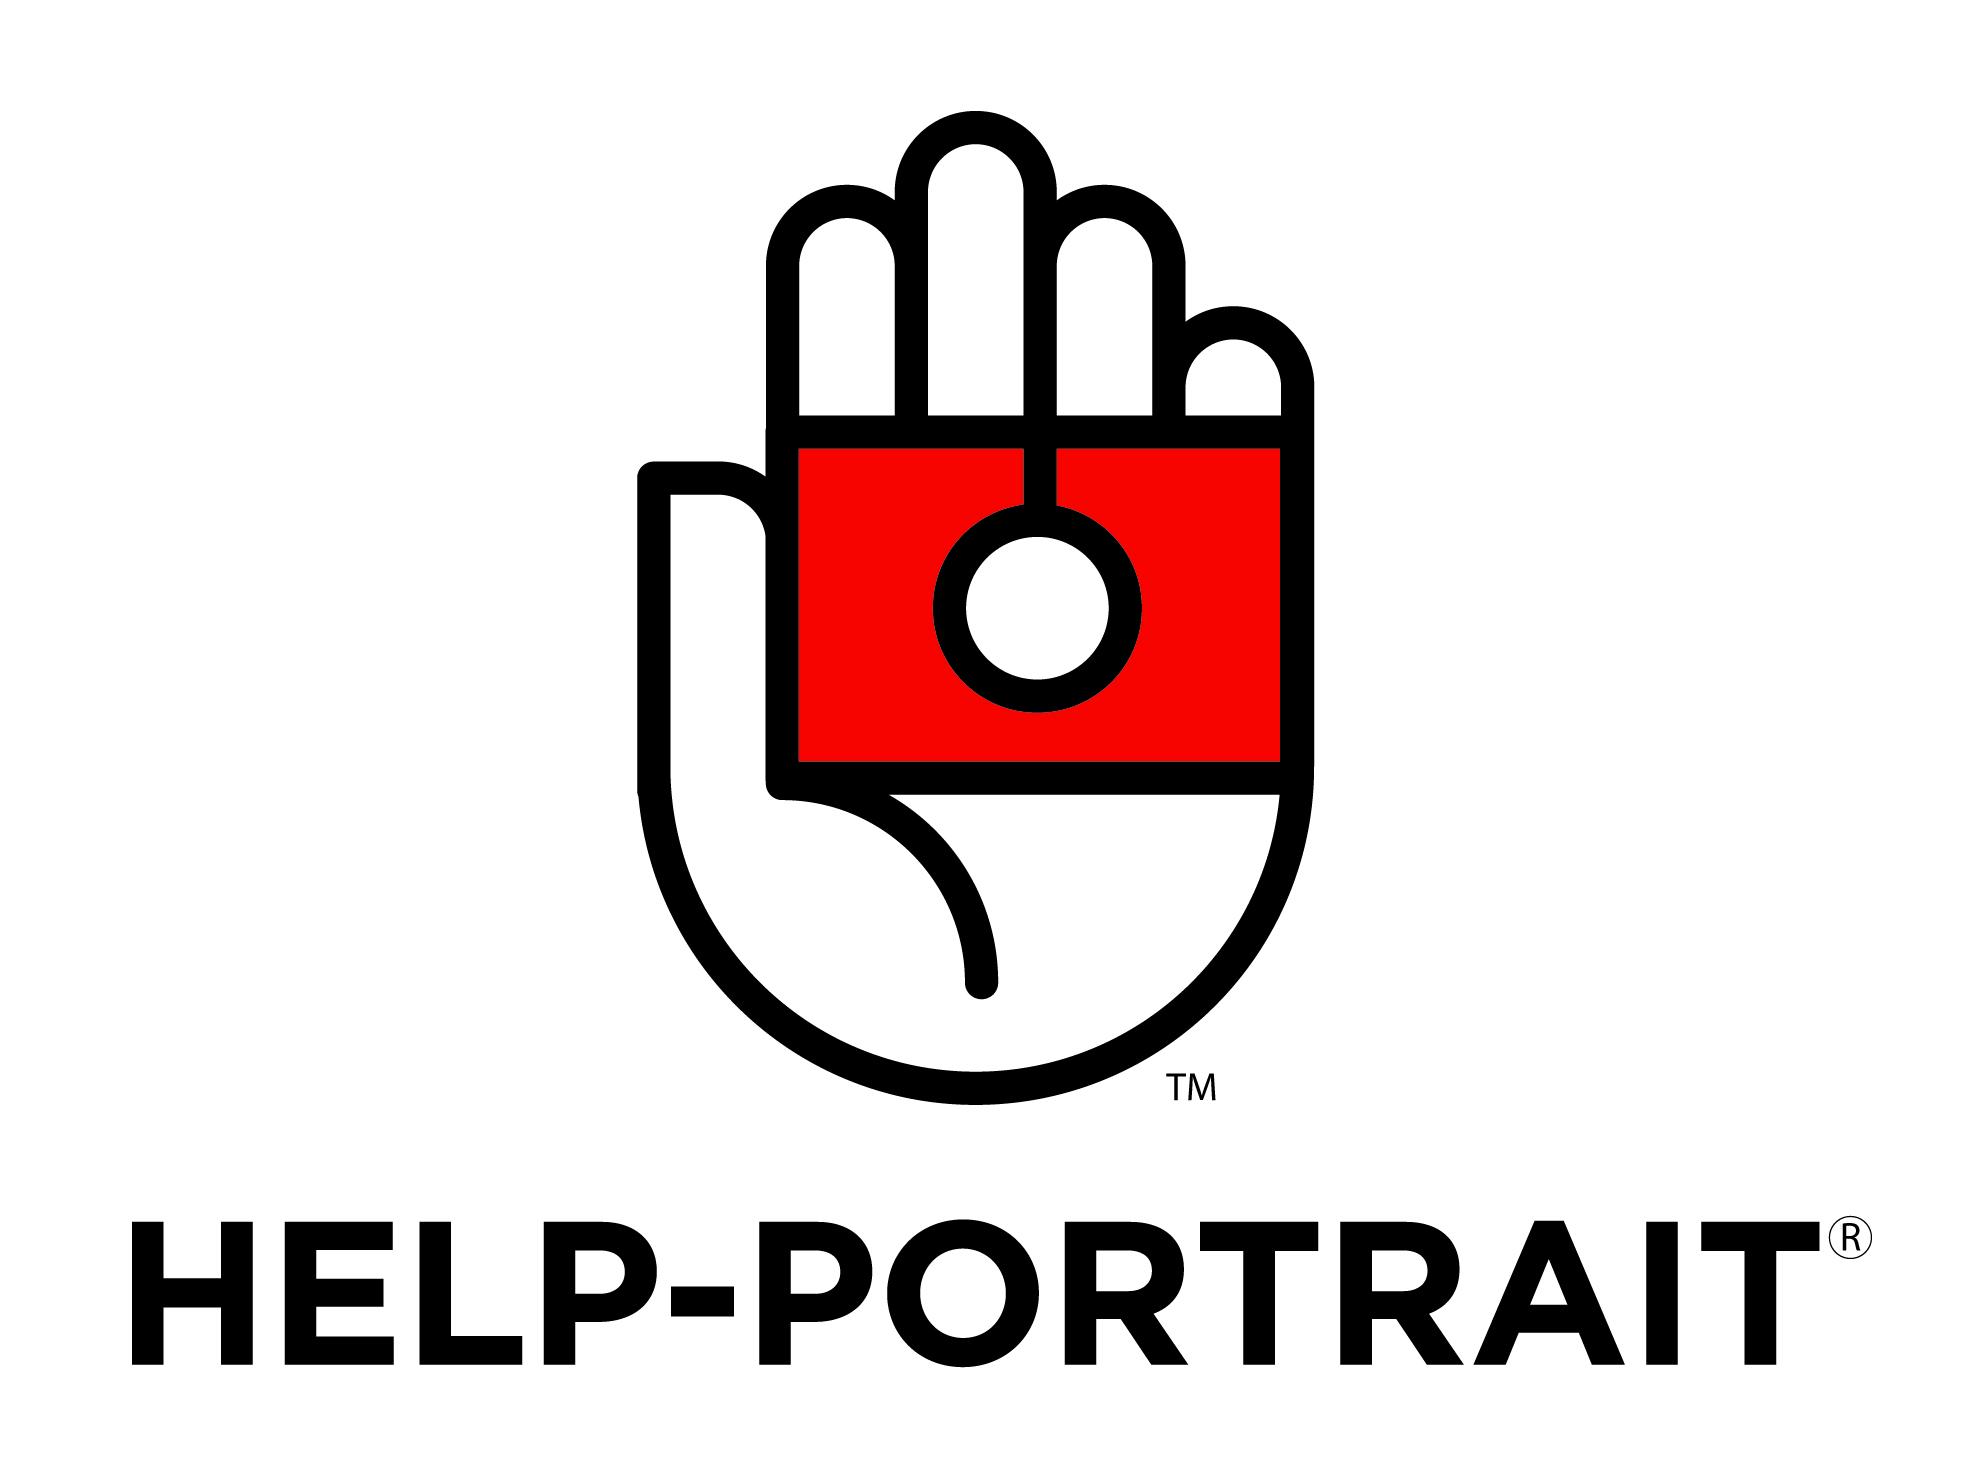 8 Dec 2012 – Projet Photo Help Portrait